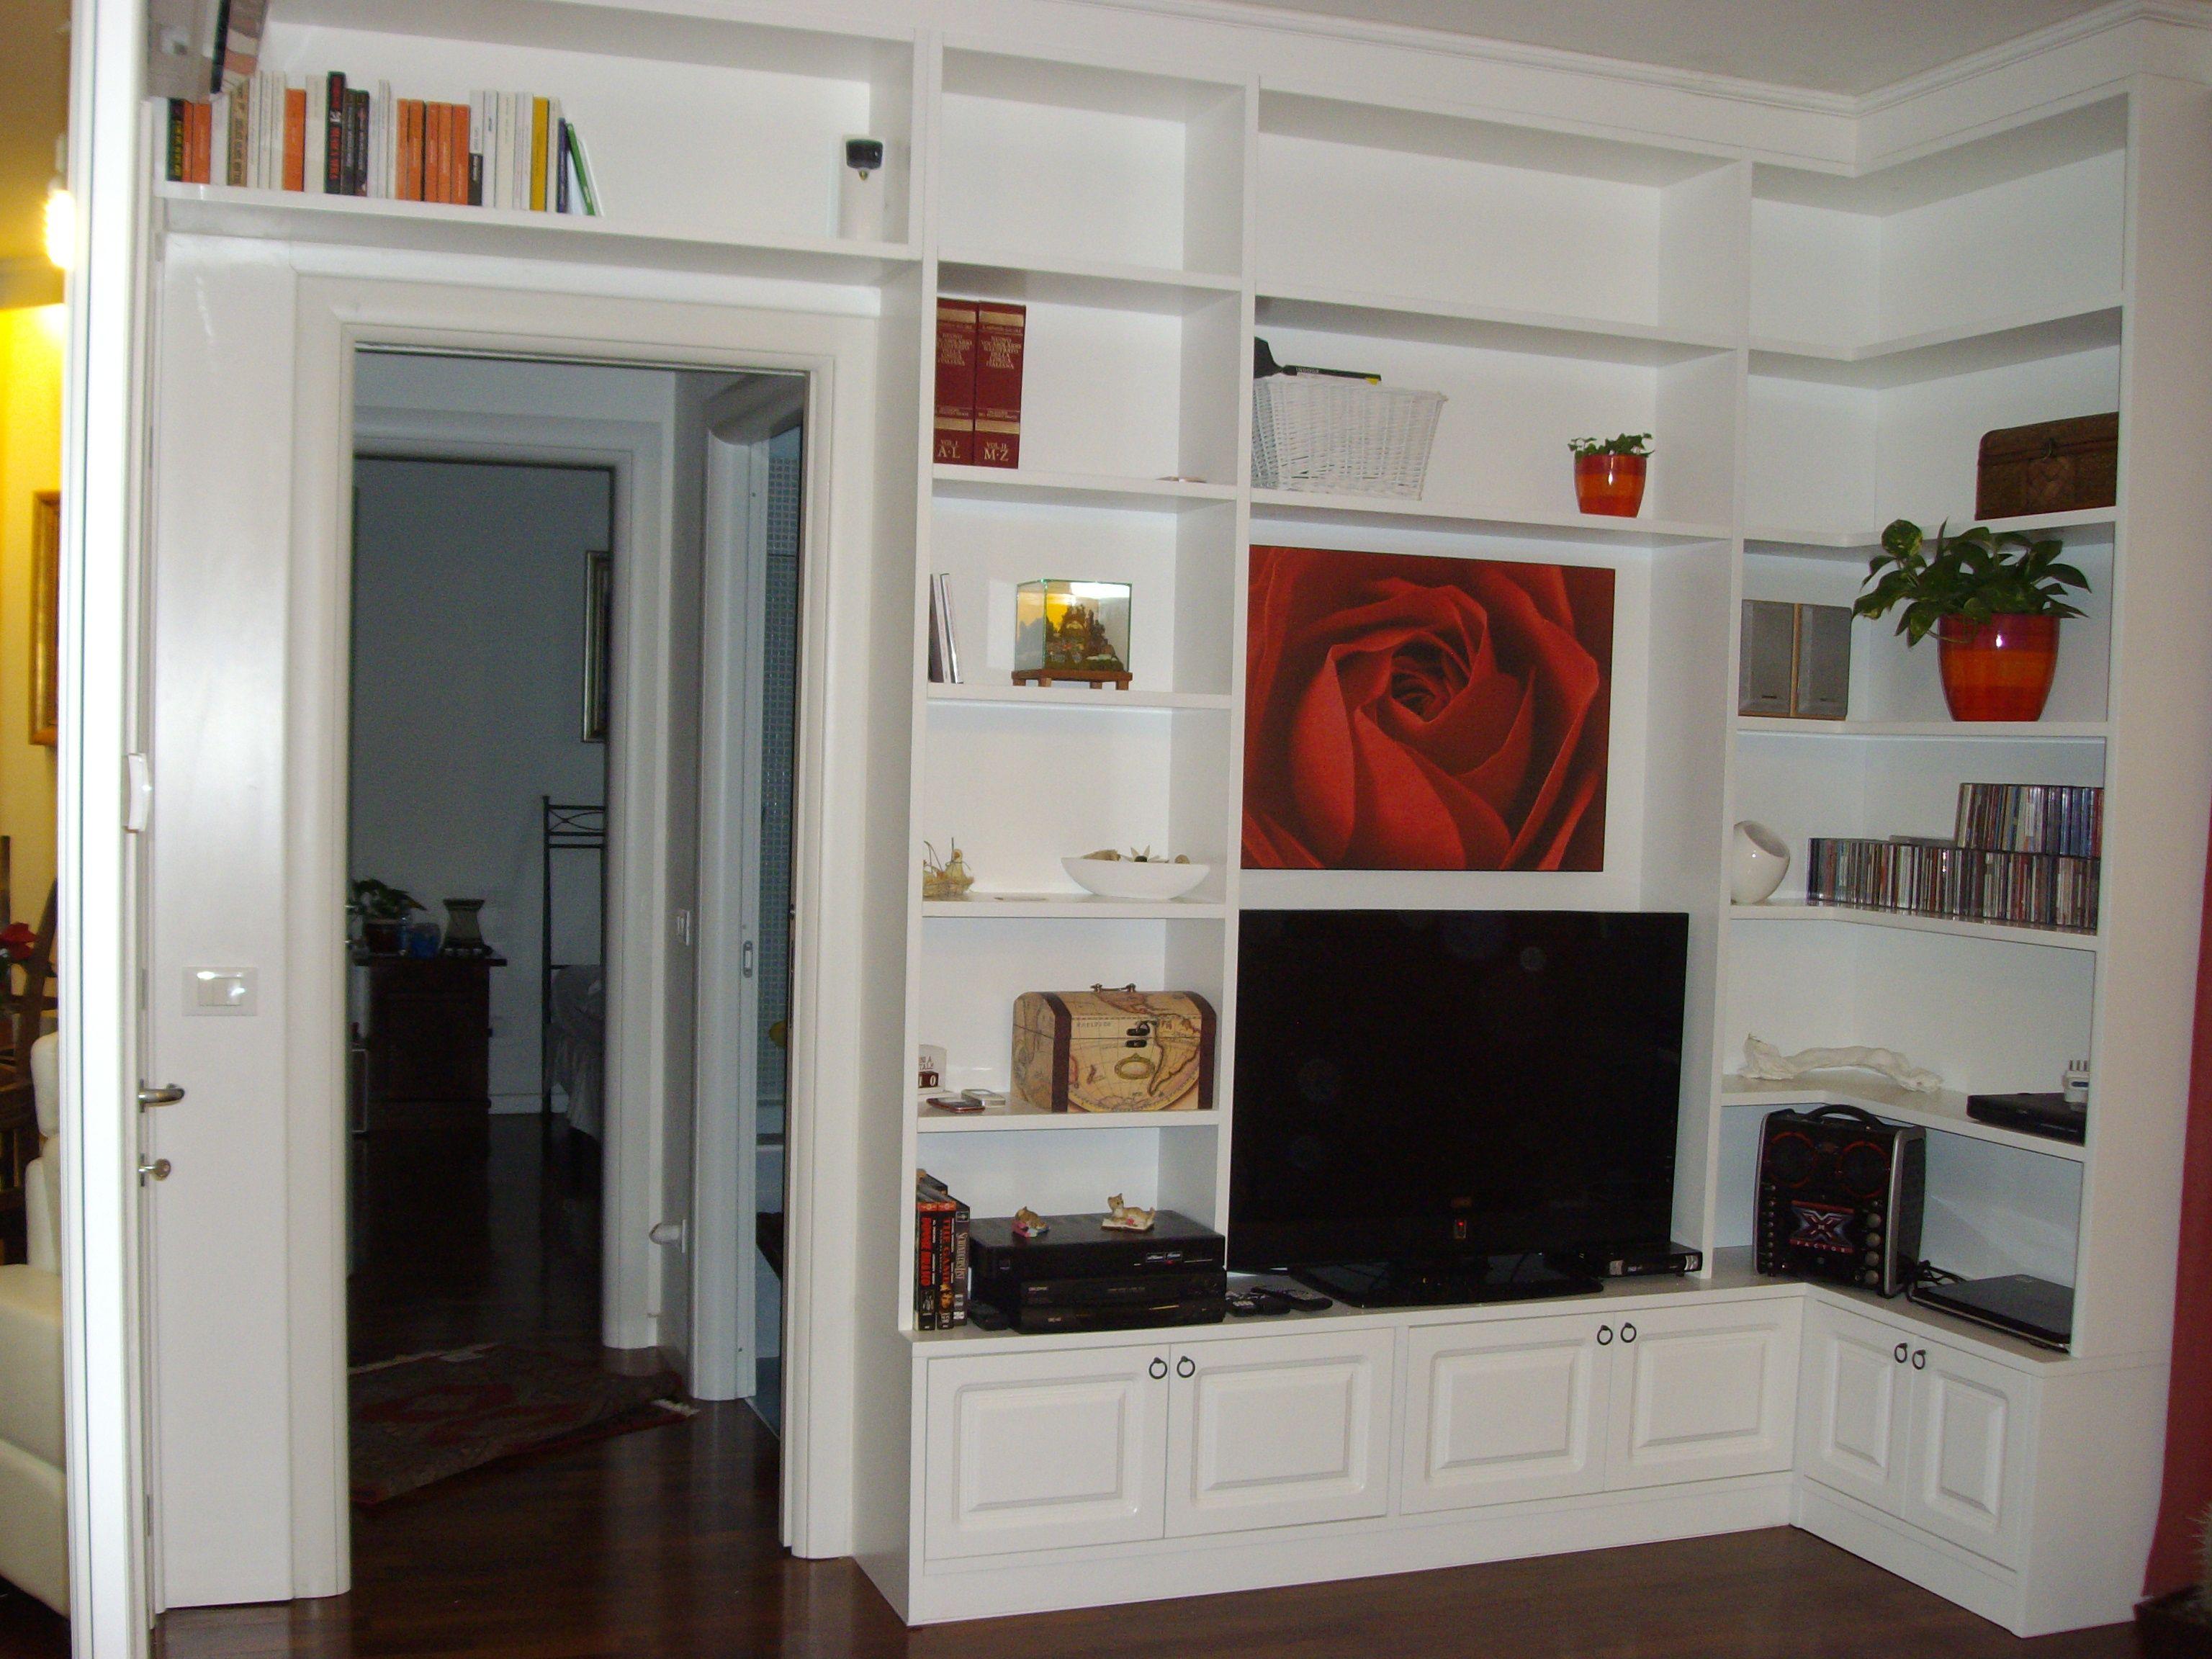 libreria in legno laccata ad angolo con televisore e quadro ...